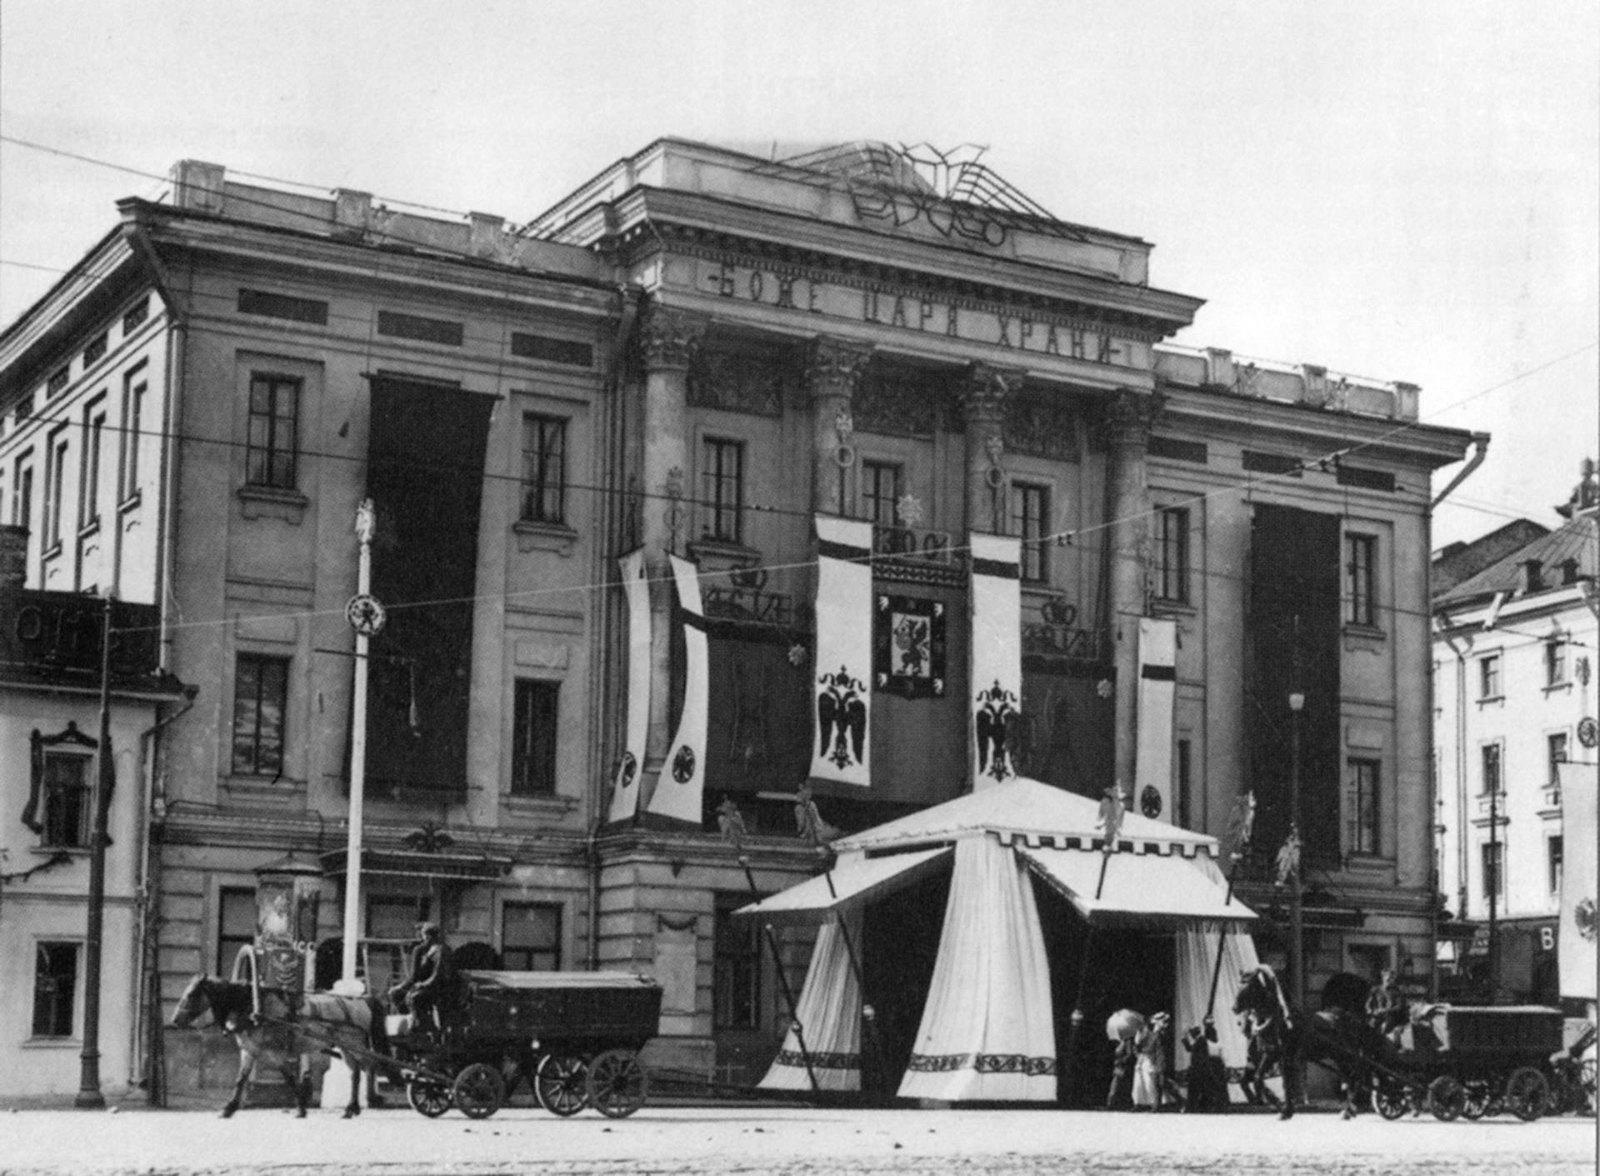 Праздничное оформление здания Благородного собрания на Большой Дмитровке во время проведения торжеств по случаю 300-летия царствования